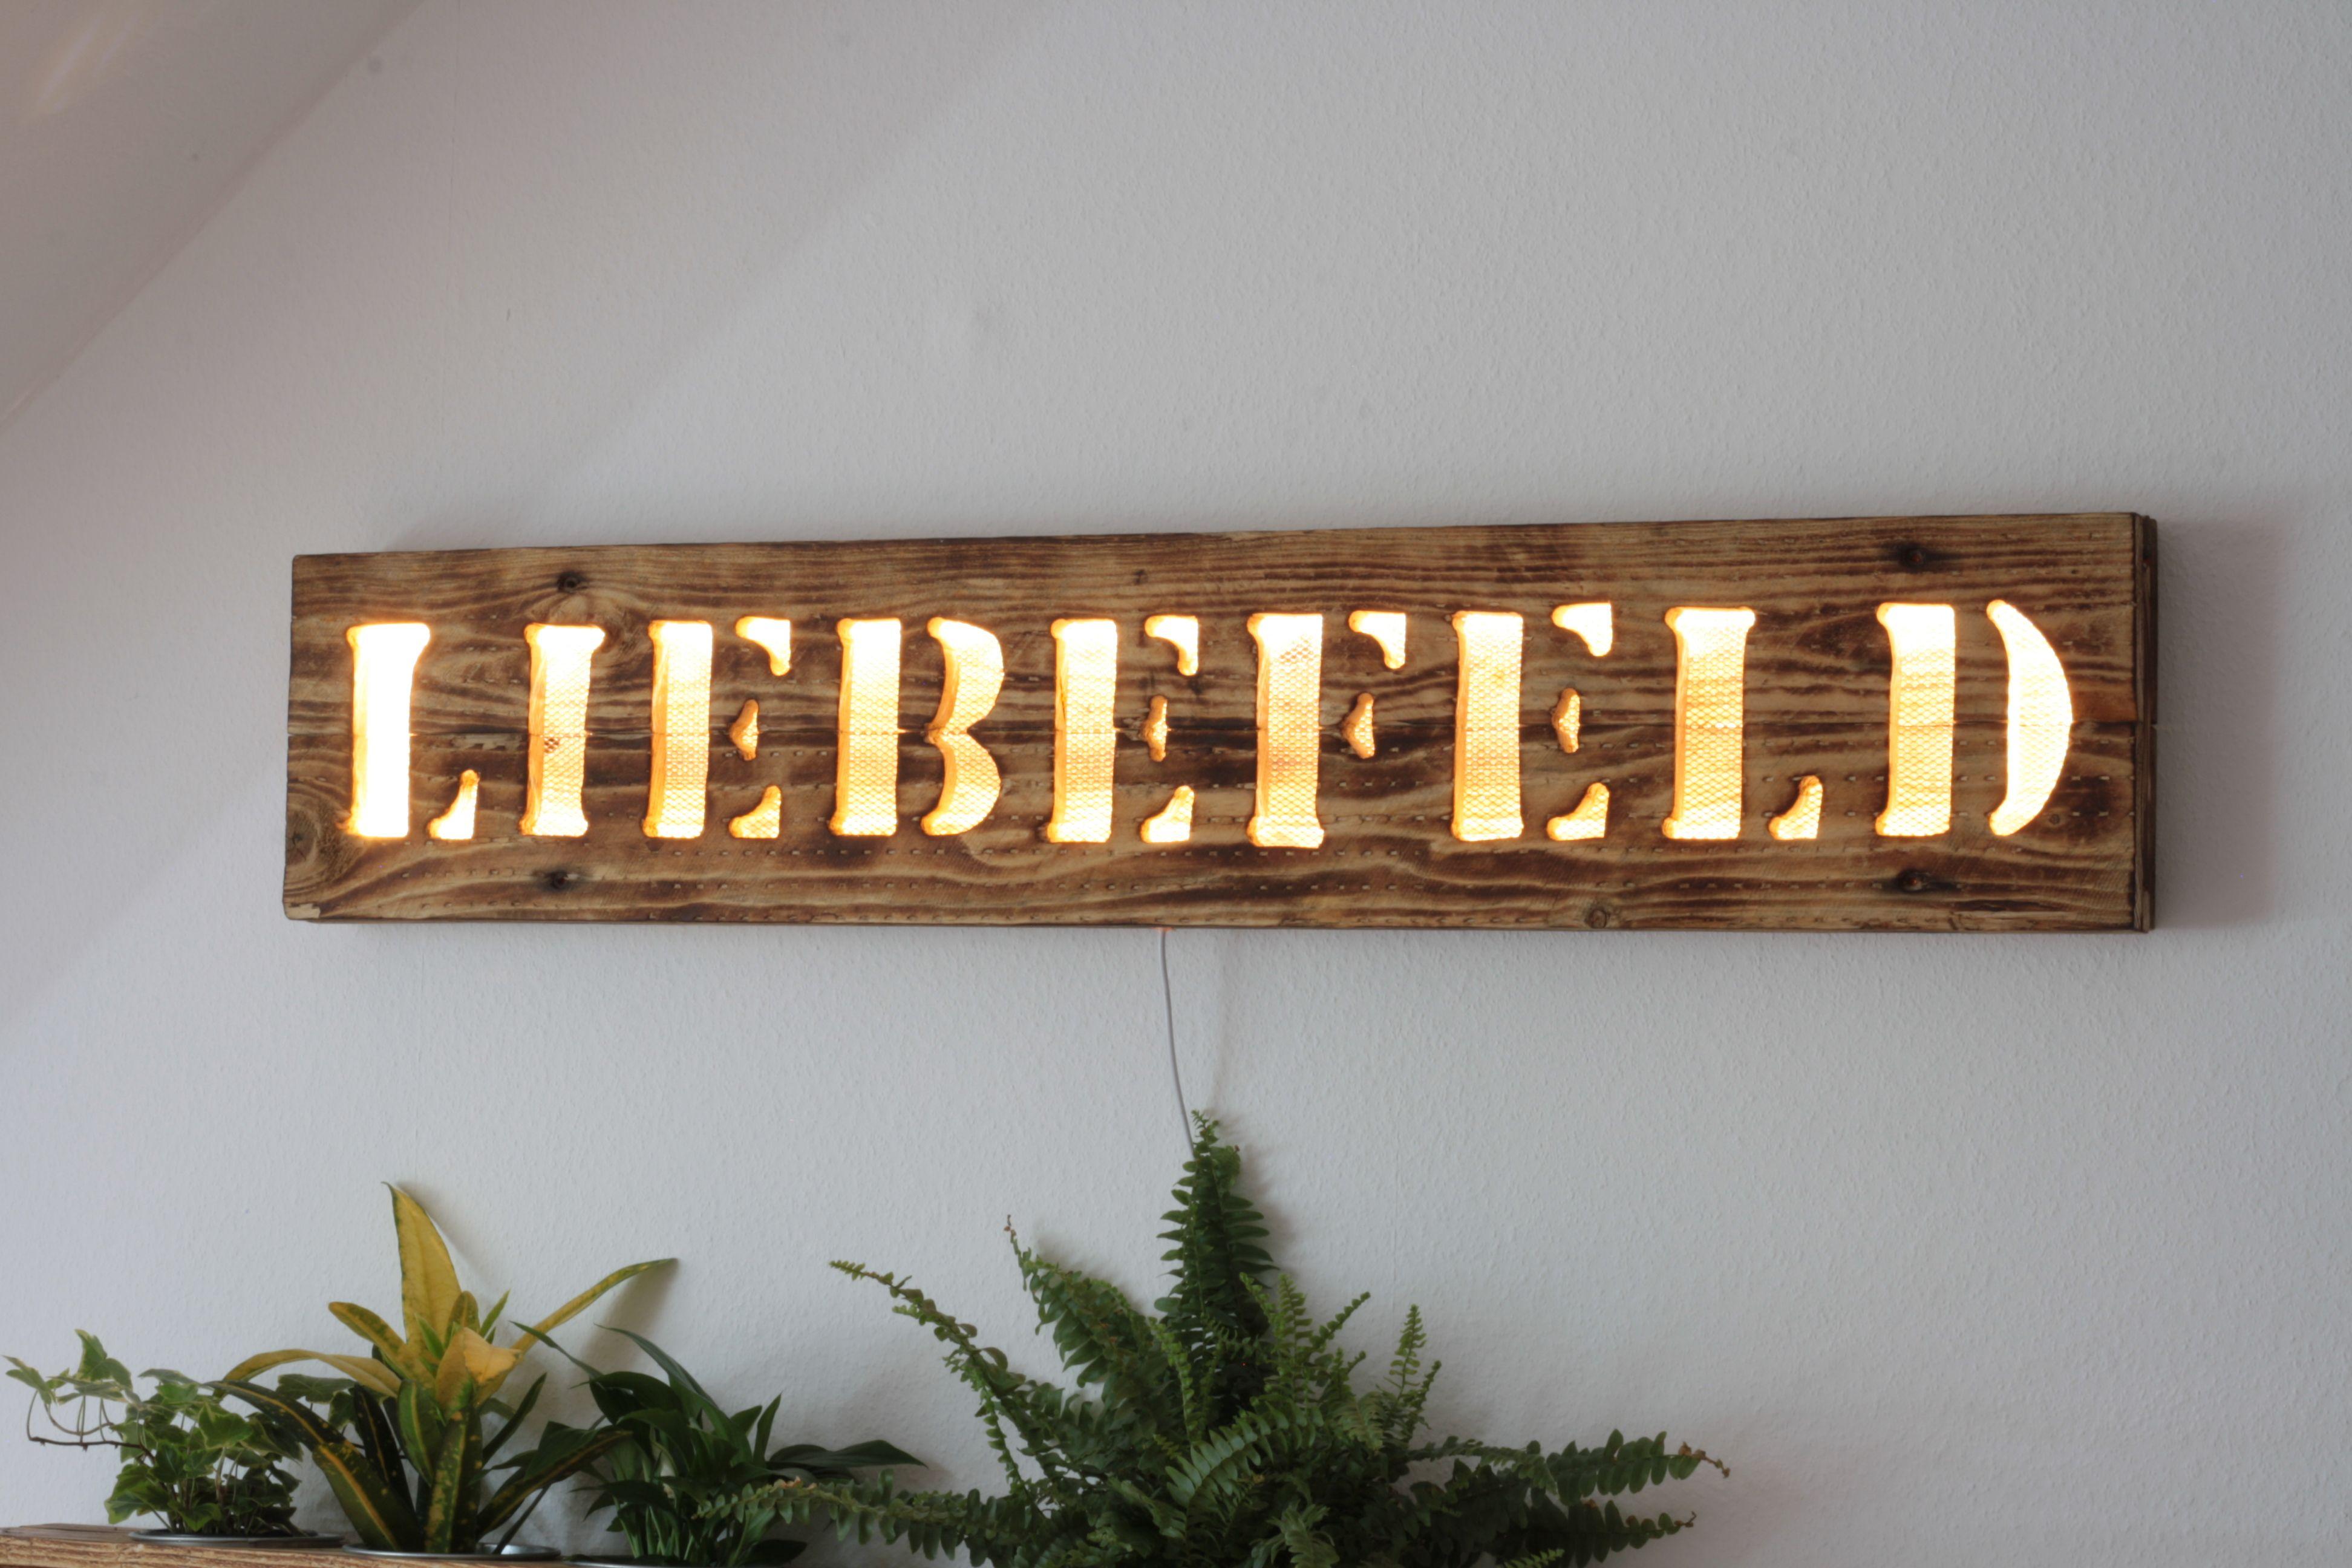 Liebefeld Leuchtschild Leuchtreklame Leuchtschild Leuchtreklame Vintage Sachen